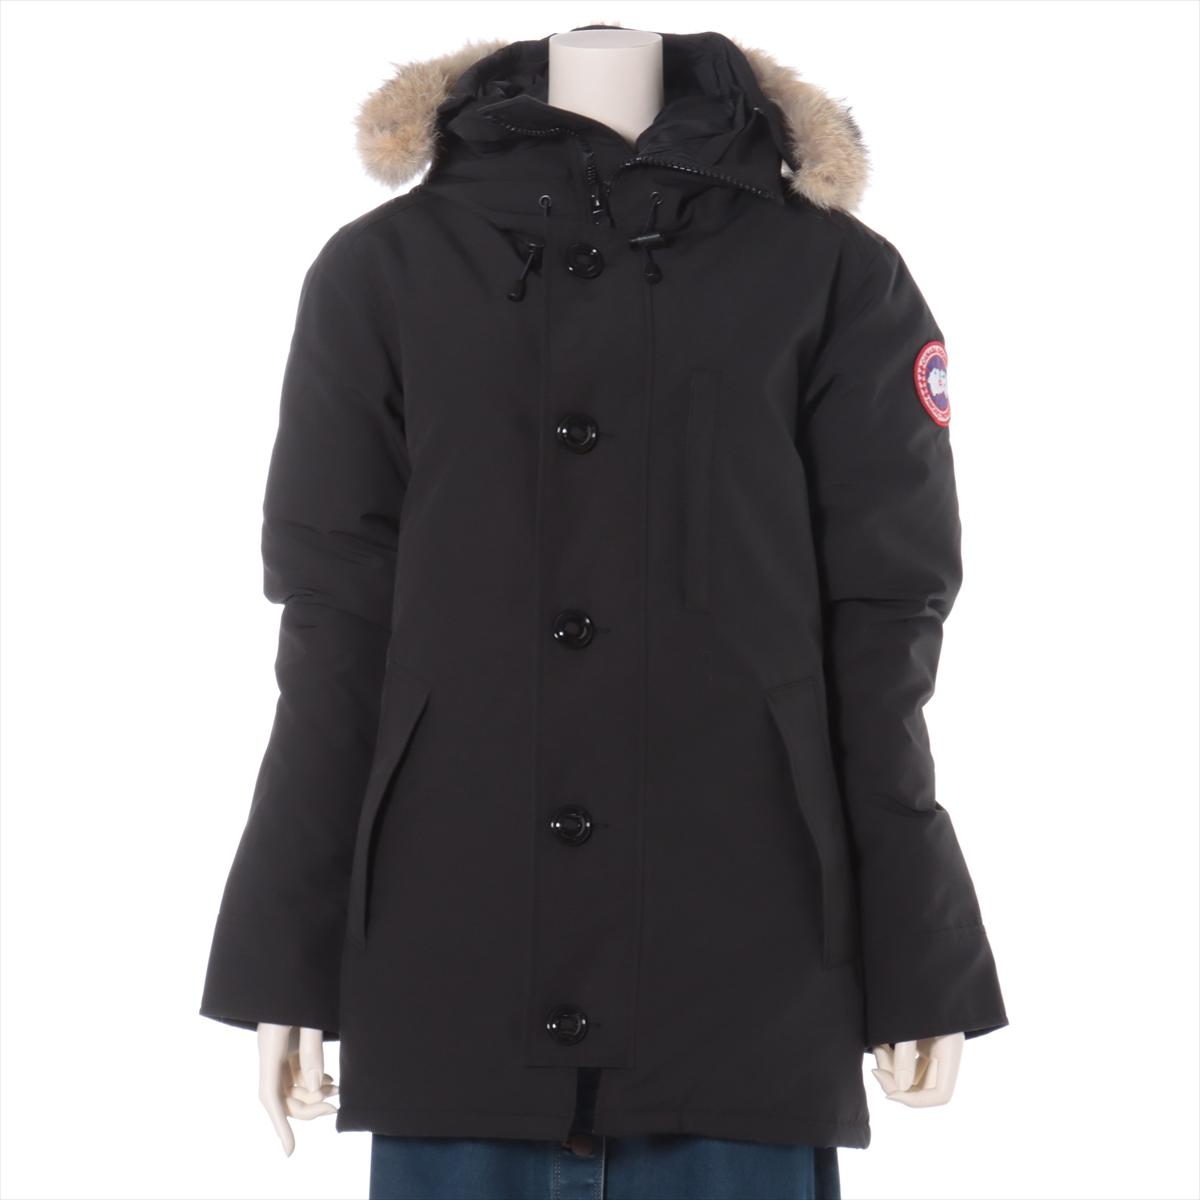 即納 中古 カナダグース 格安 価格でご提供いたします CHATEAU コットン×ポリエステル ダウンジャケット S ブラック メンズ 3426MA フュージョン サザビー